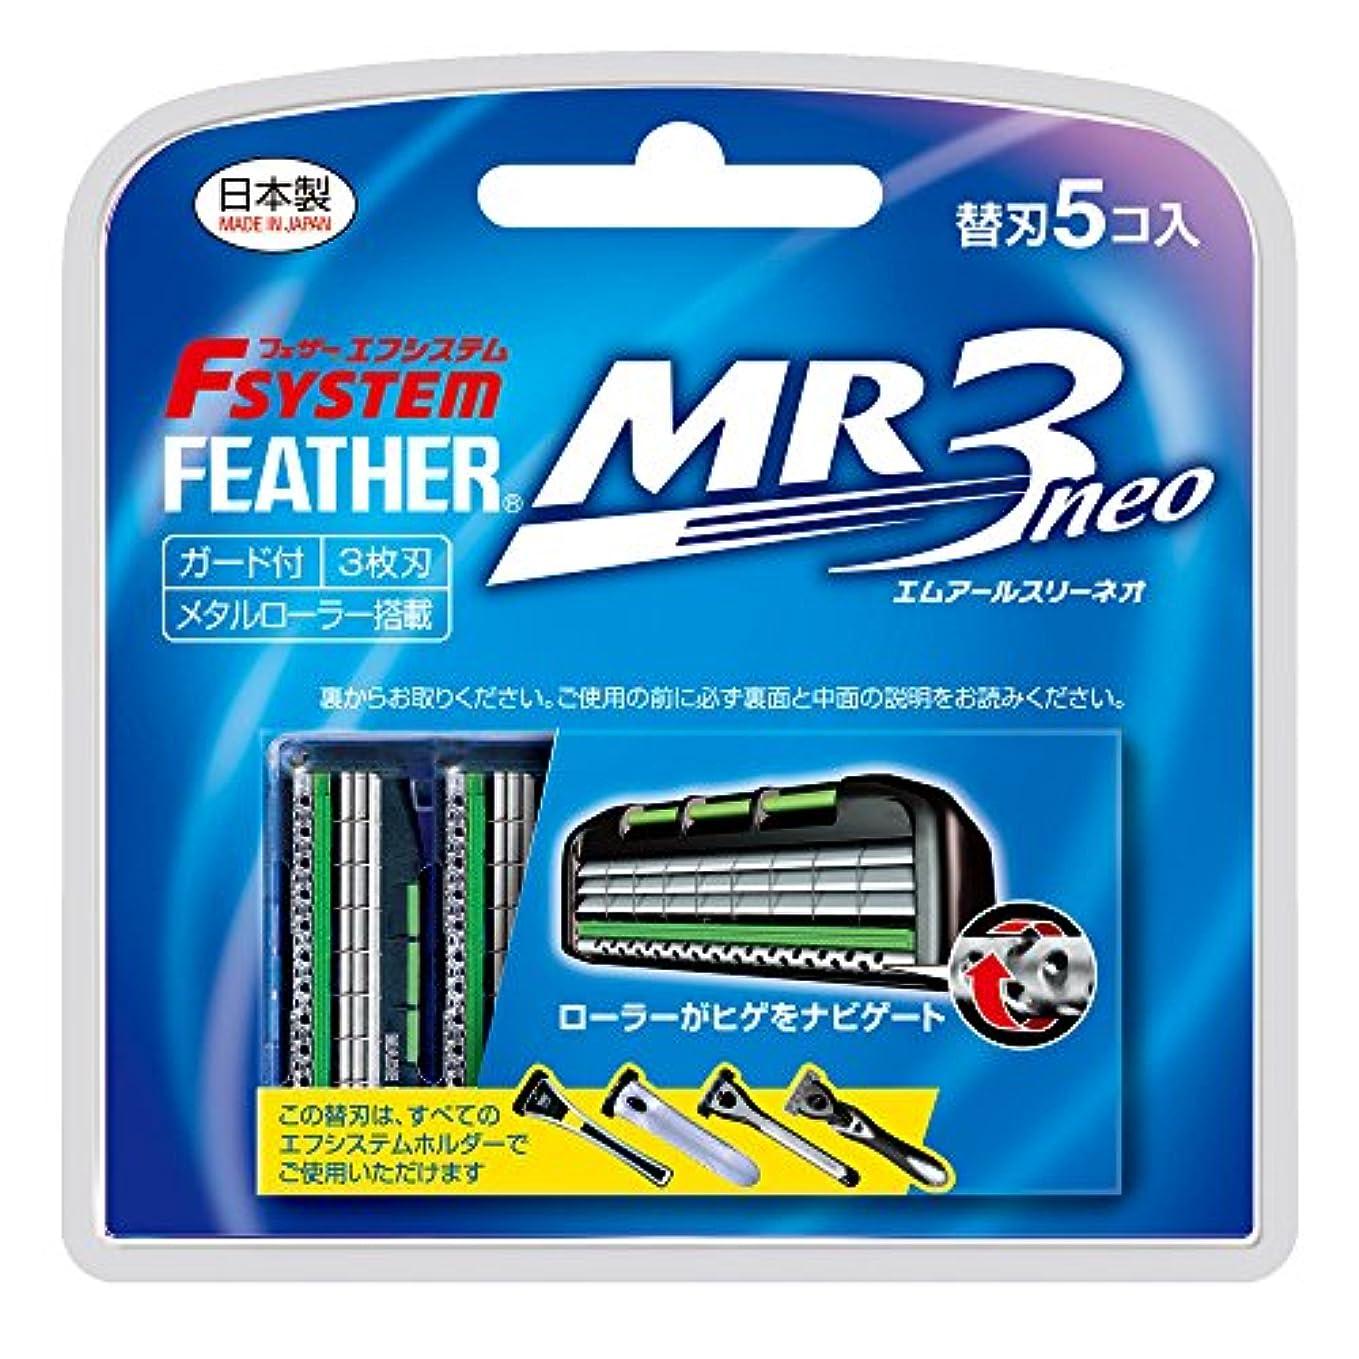 通信網多数のマーキーフェザー エフシステム 替刃 MR3ネオ 5コ入